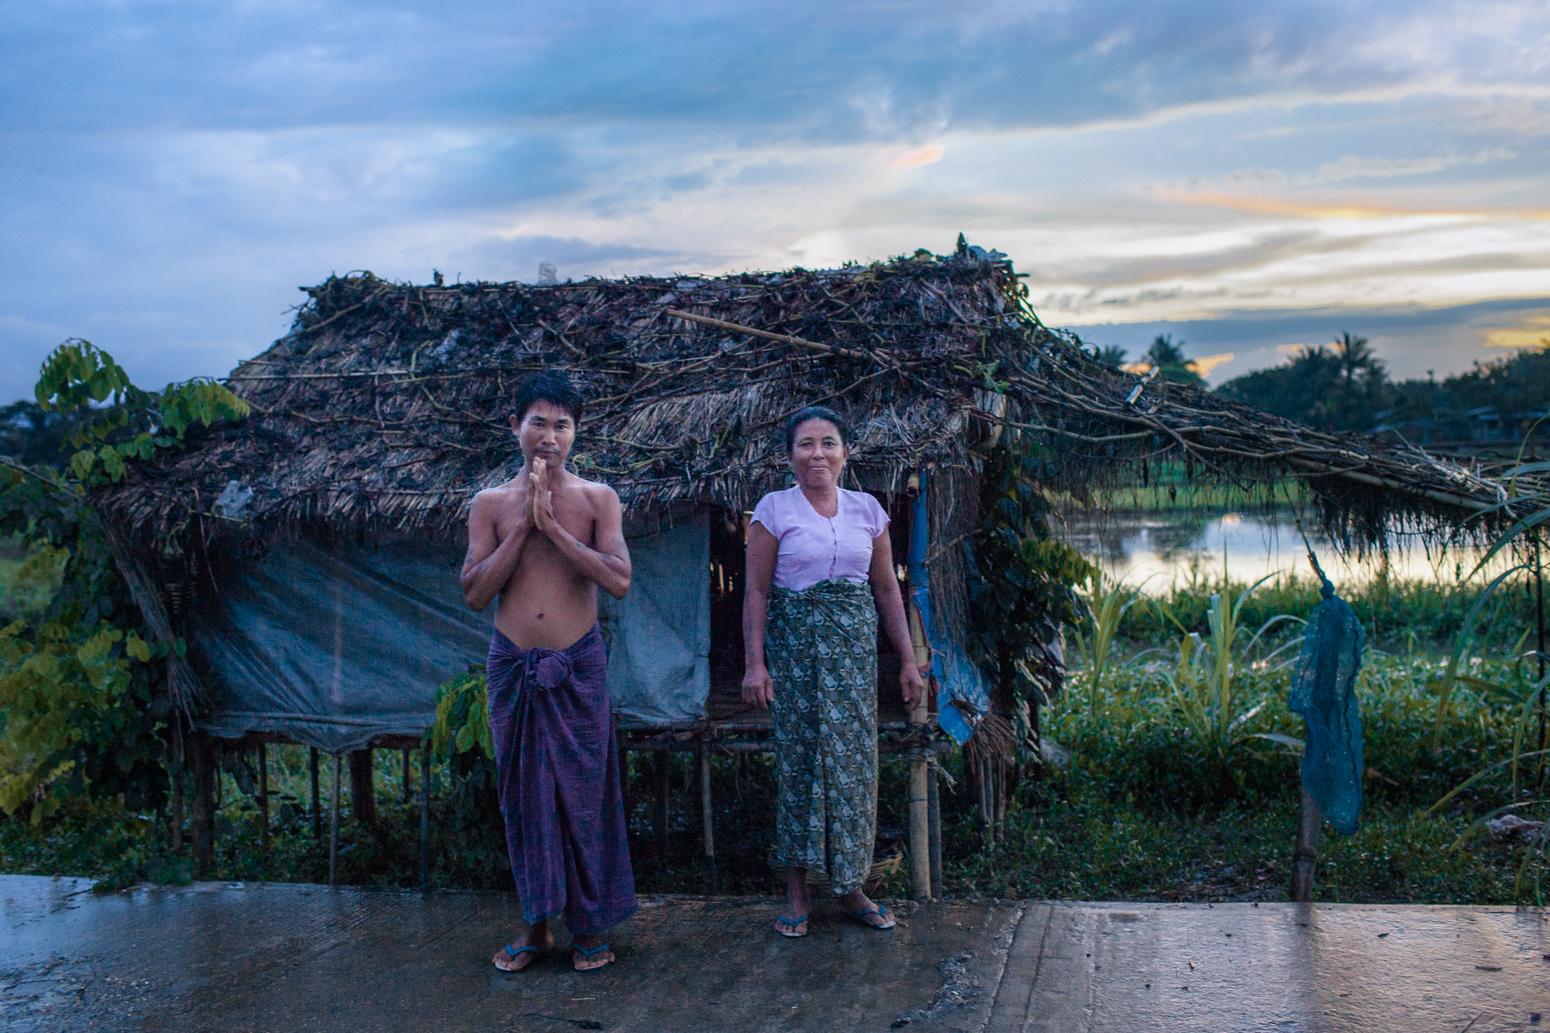 Outside Rangoon, Burma